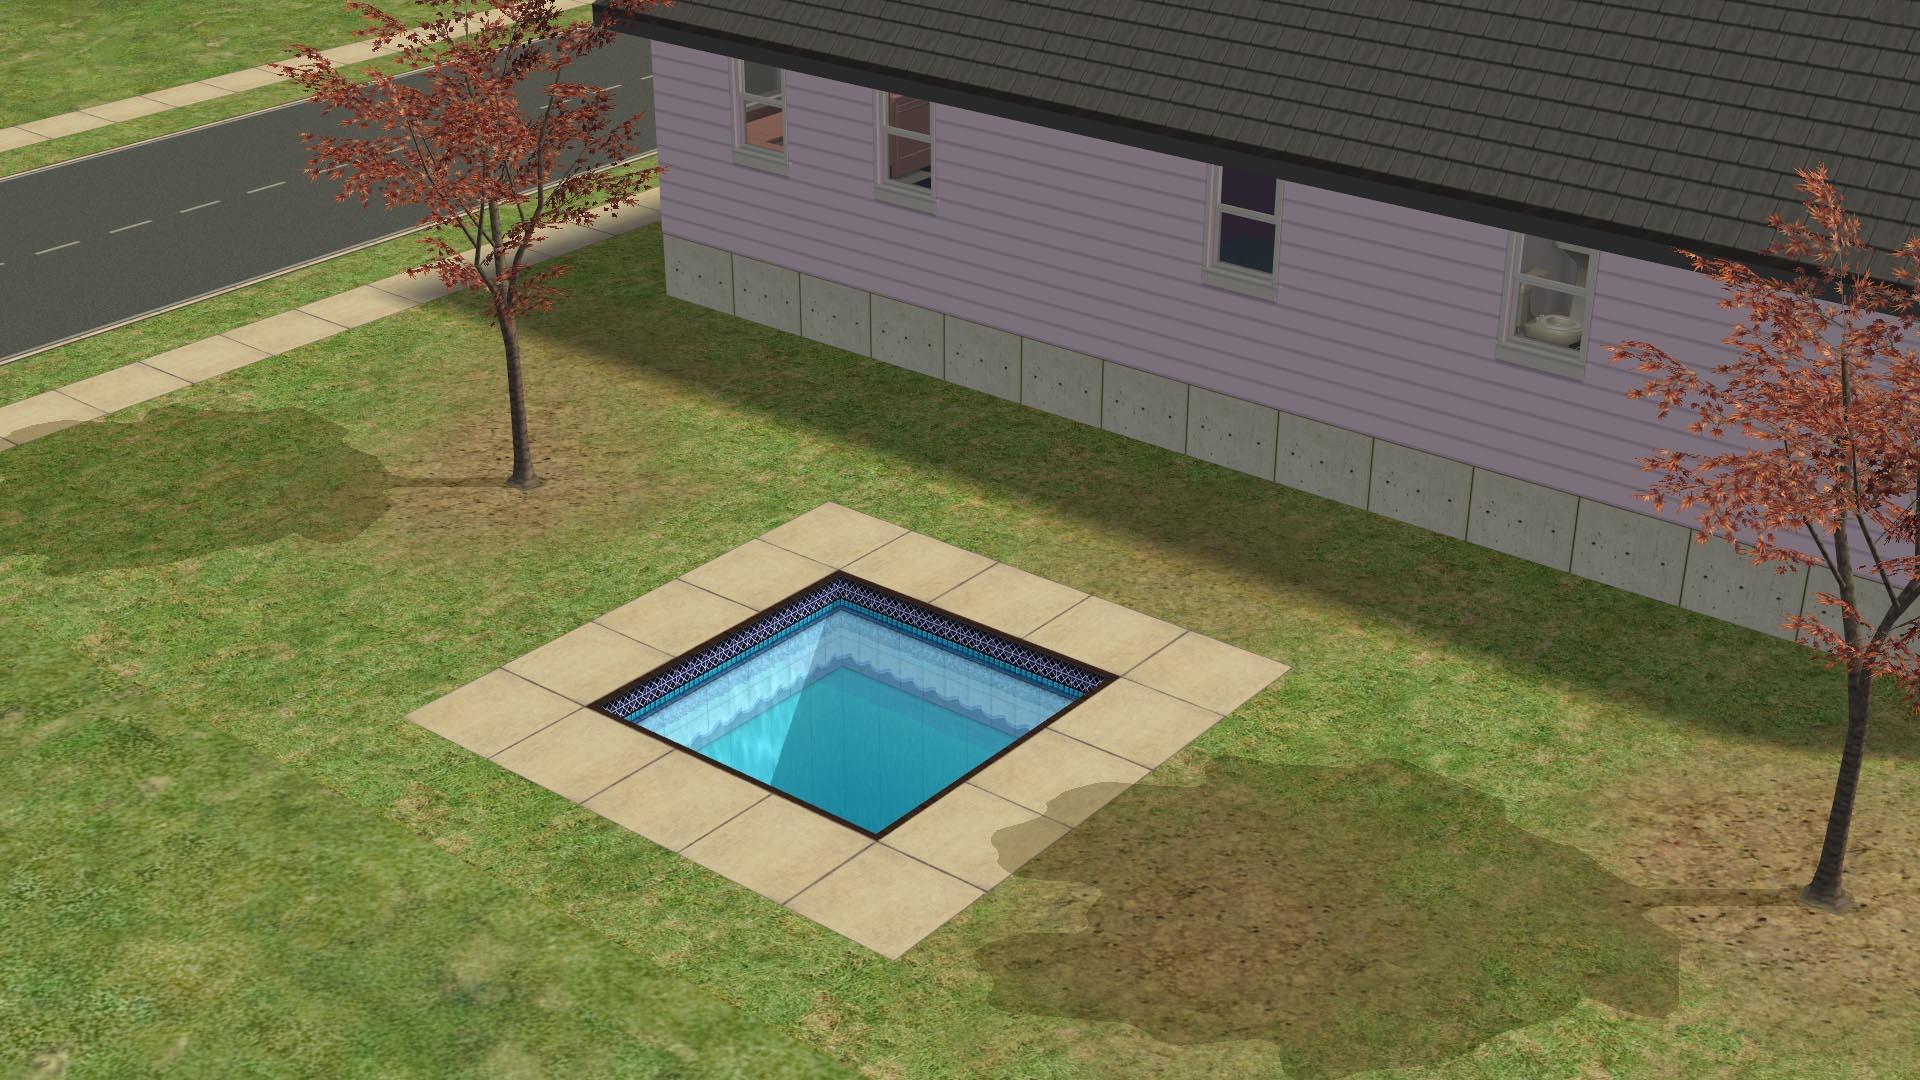 La piscina del patio trasero de los Simblanca